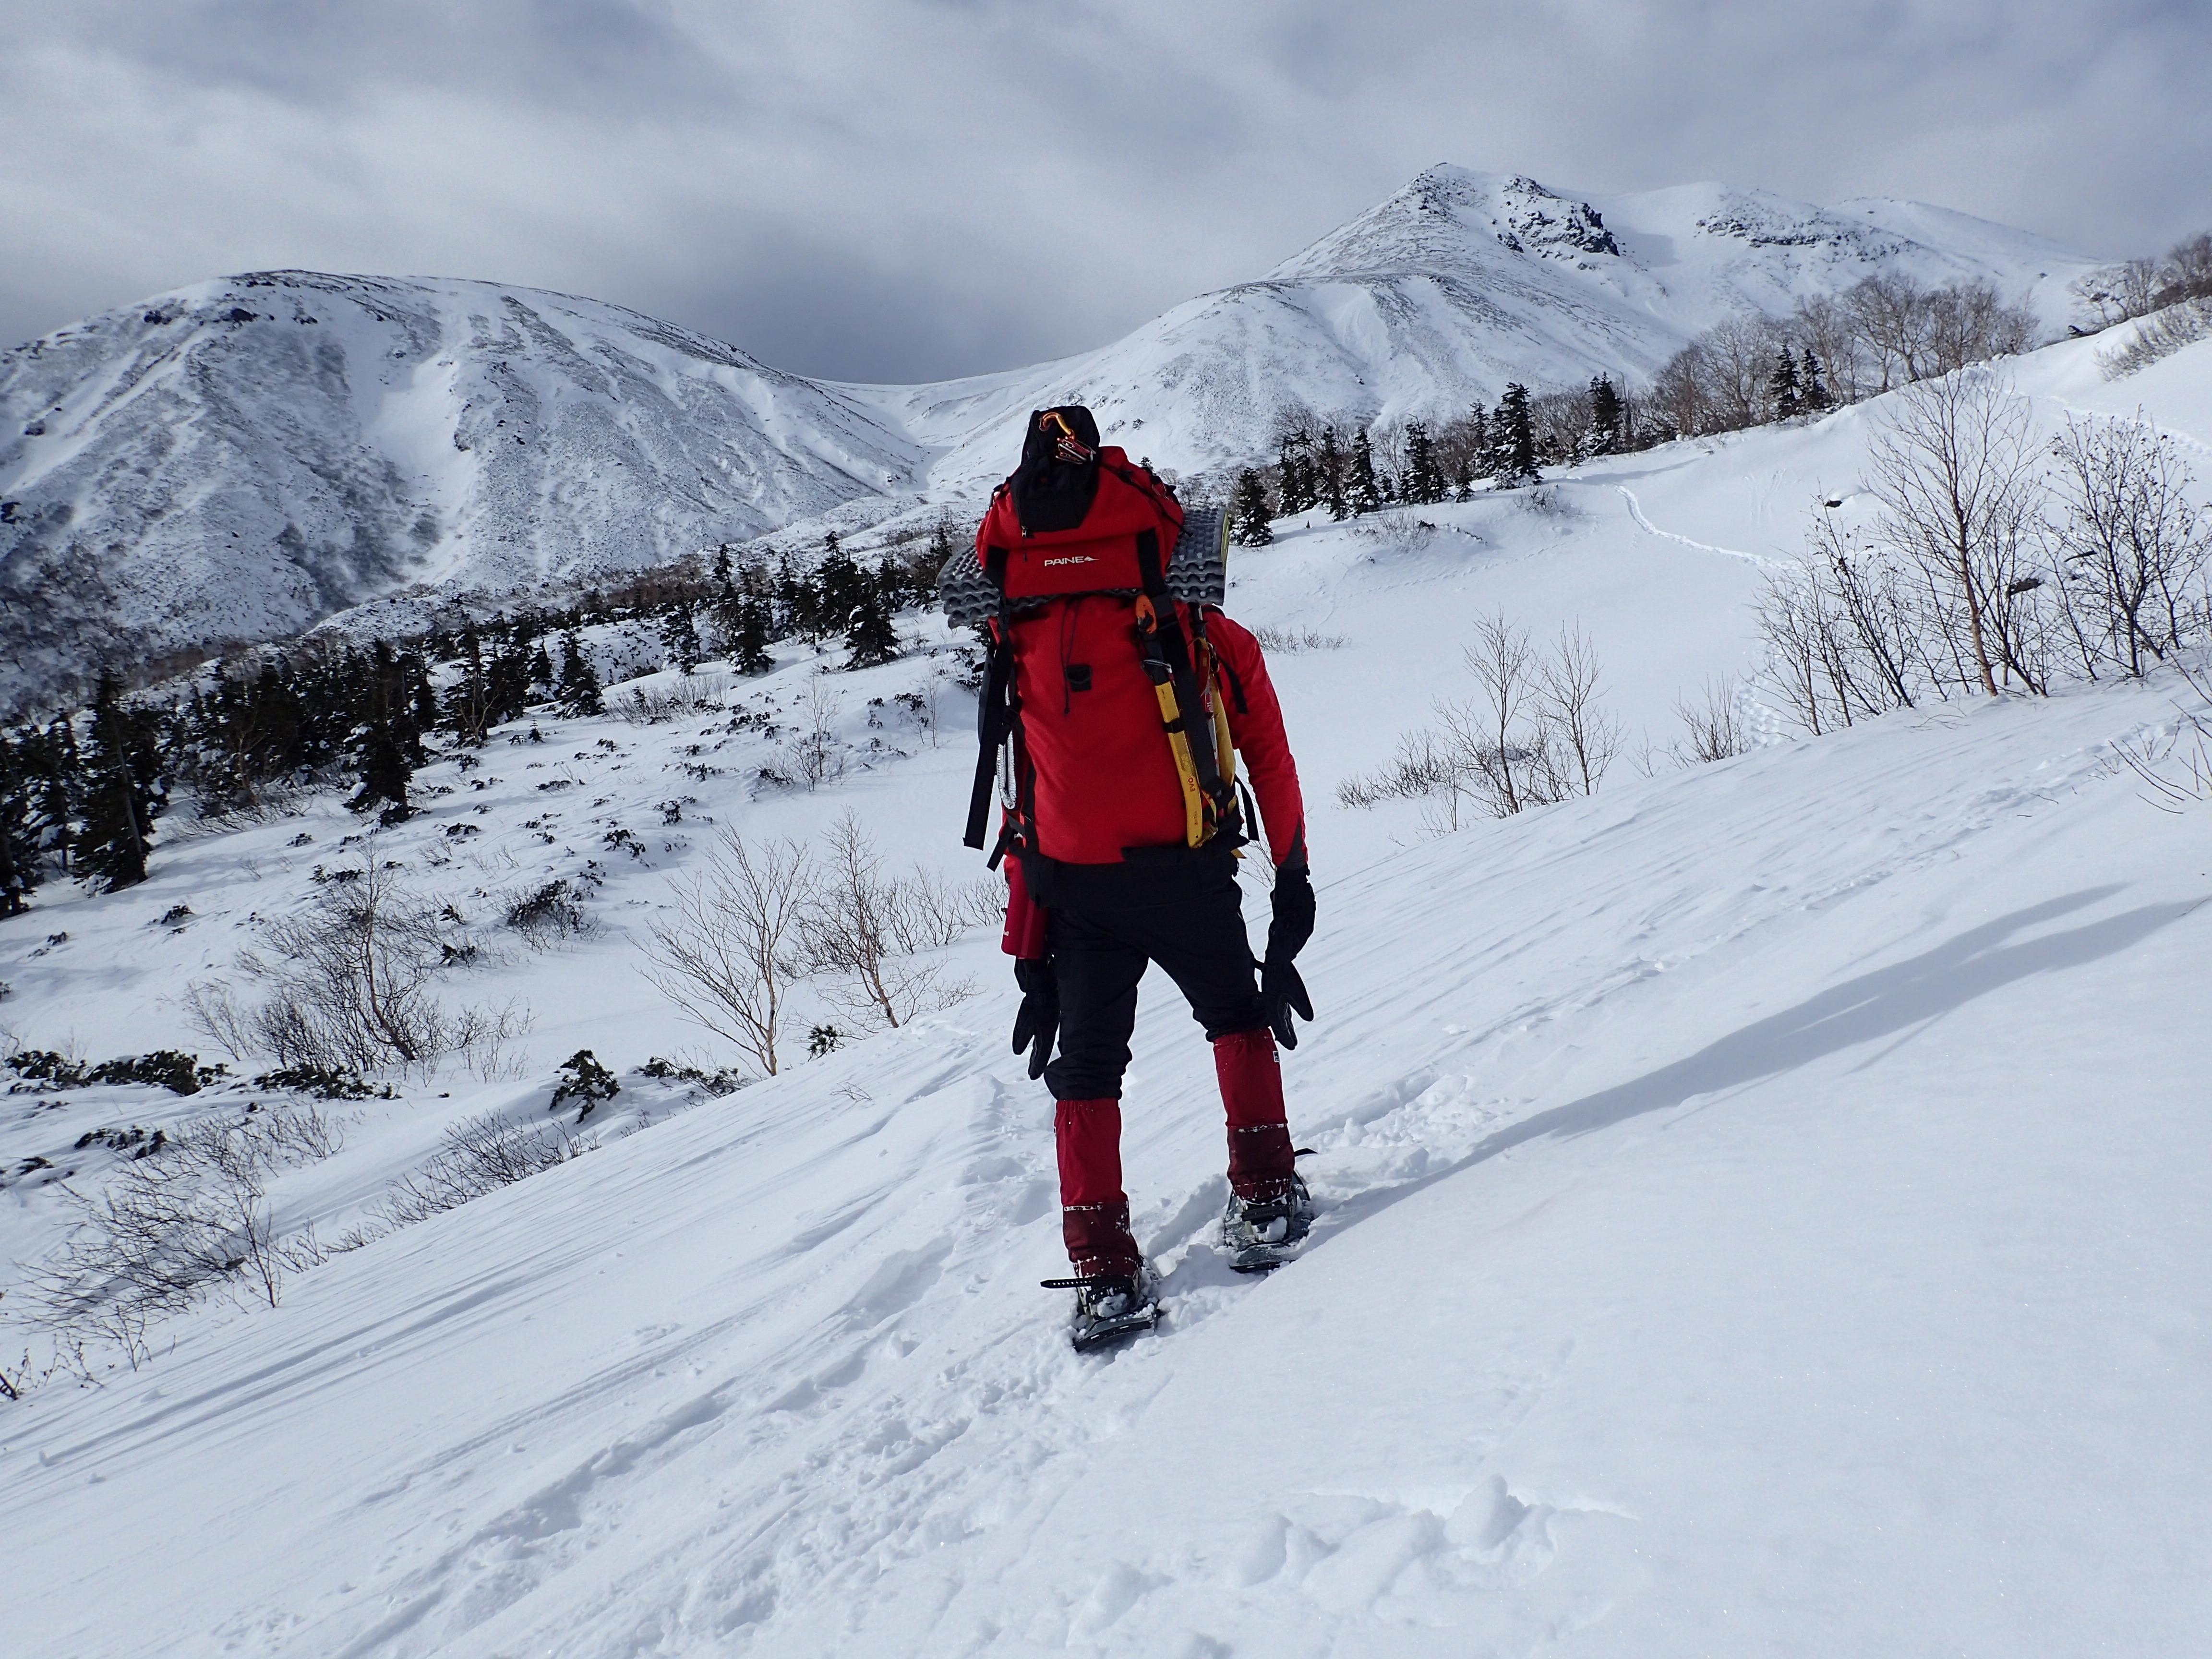 冬の乗鞍の雪原から乗鞍岳を眺める